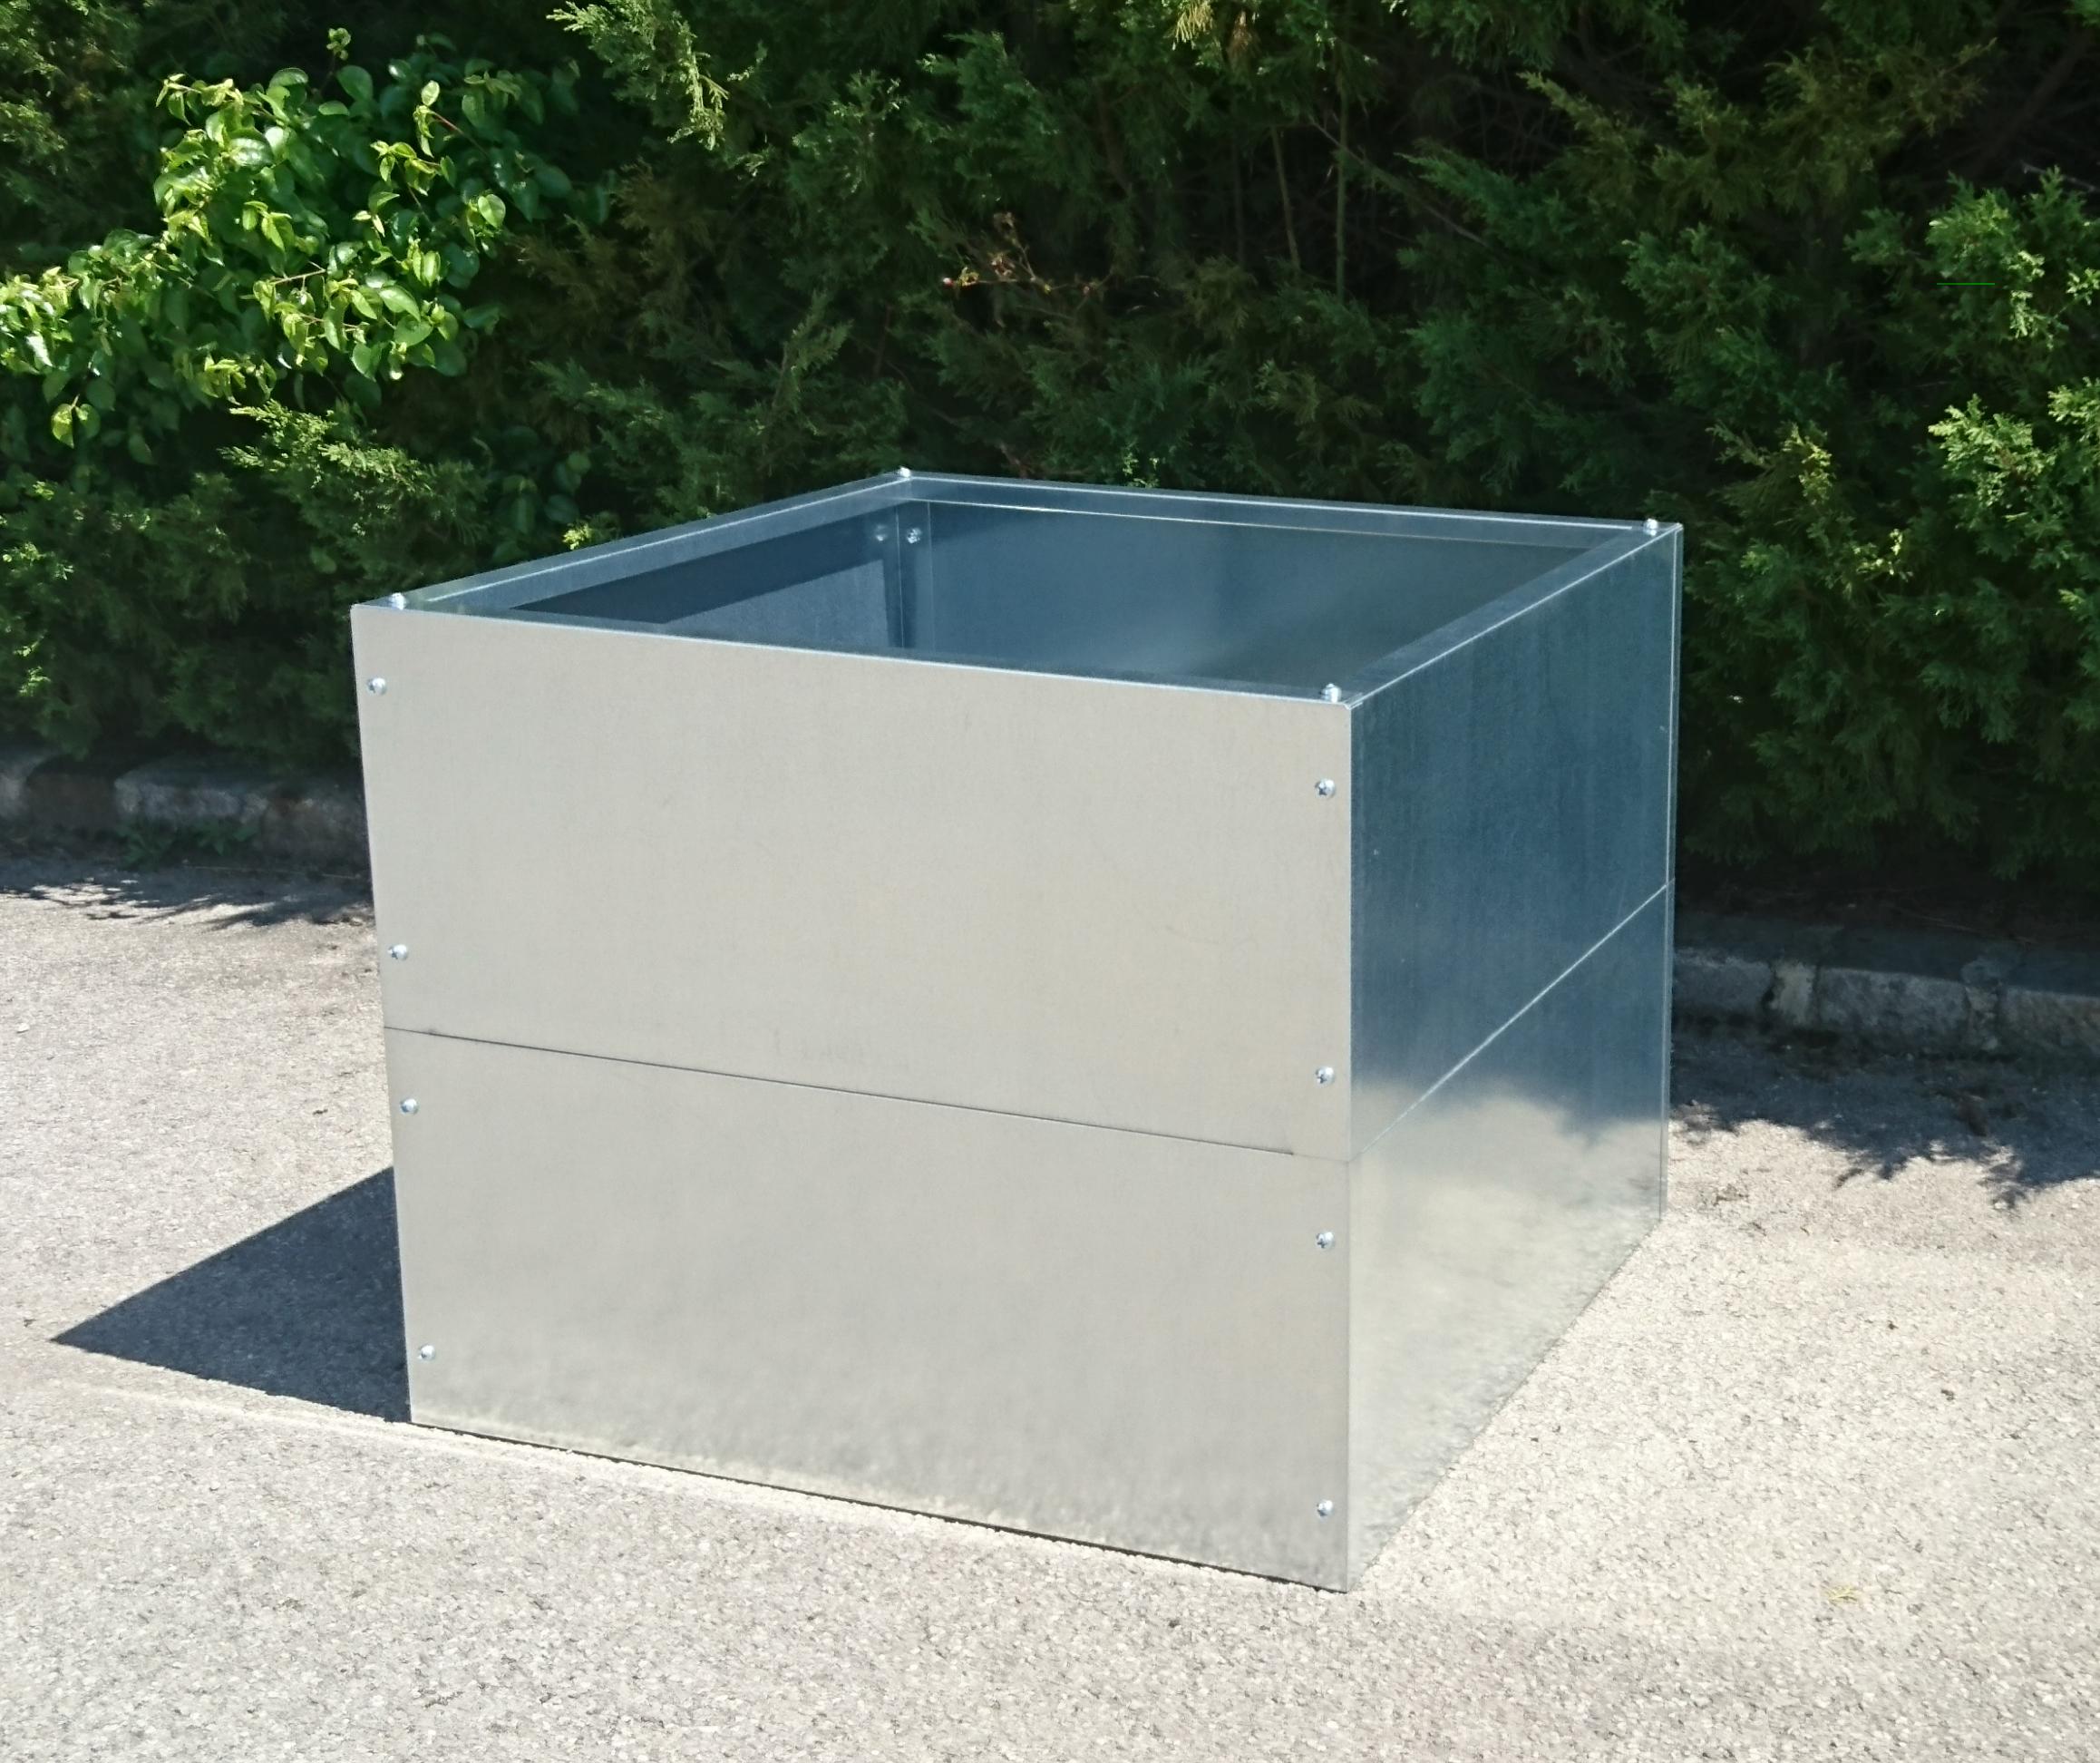 aktionen geoplast gmbh. Black Bedroom Furniture Sets. Home Design Ideas